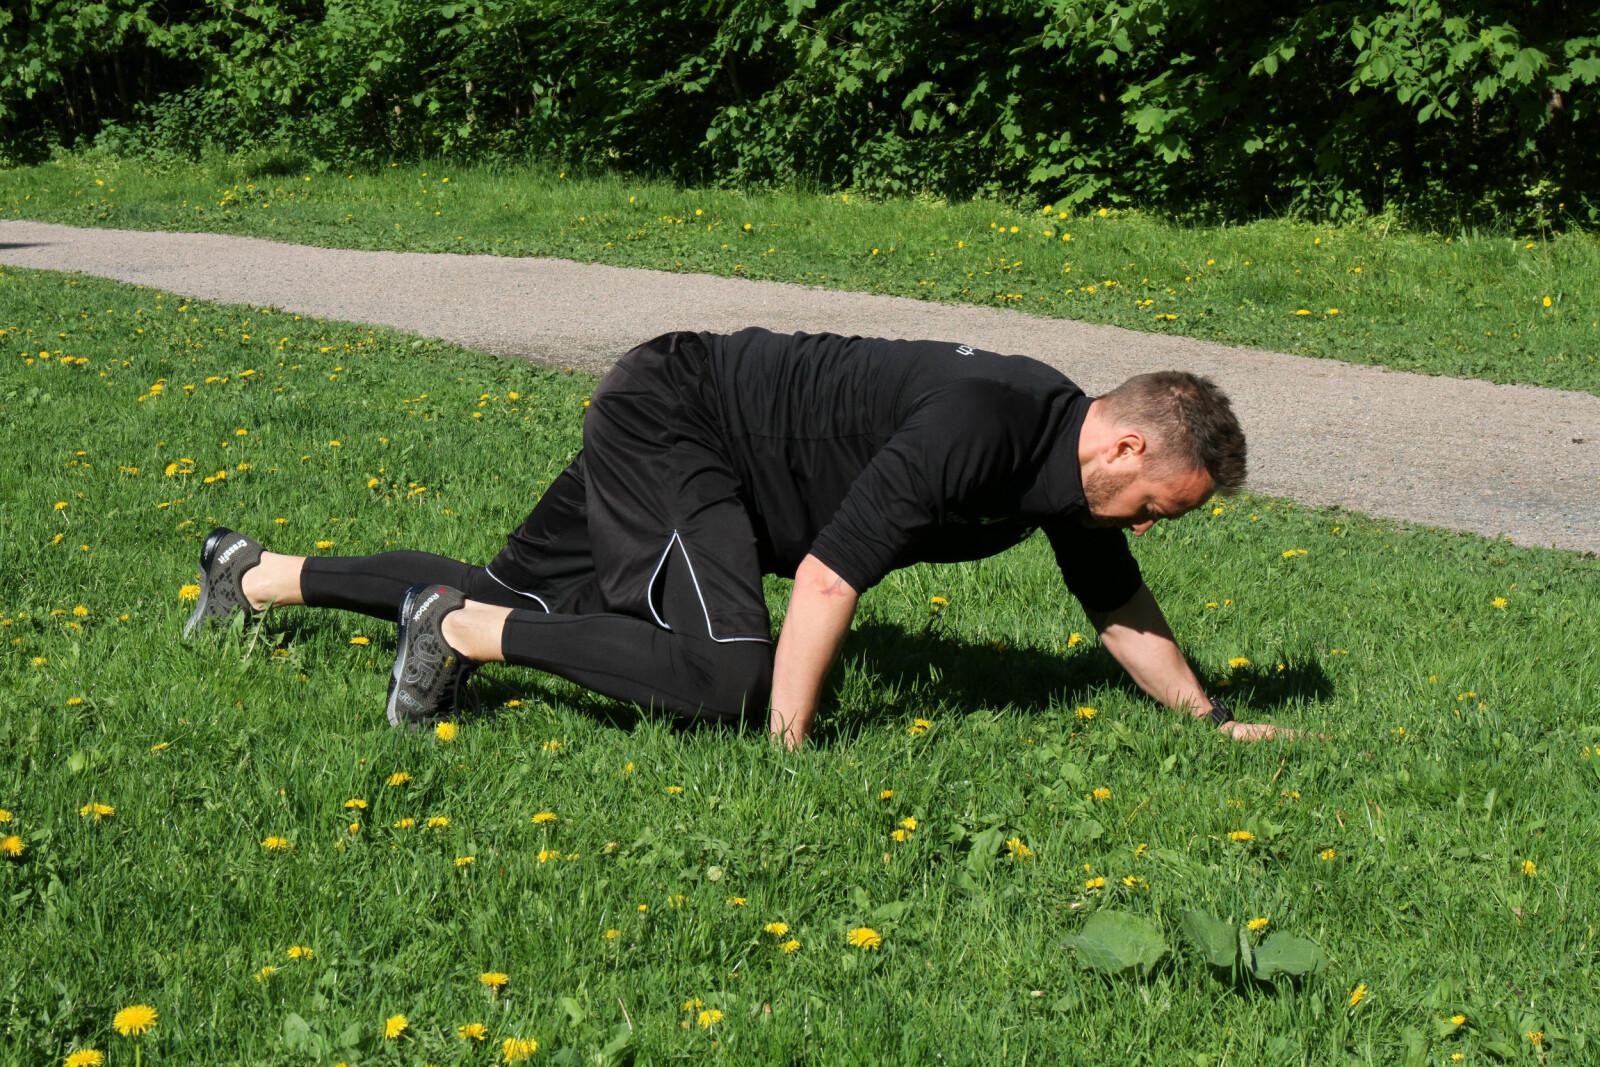 <b>TIPSET:</b> Knærne skal være så vidt over bakken, og rumpa og ryggen holdes vannrett.